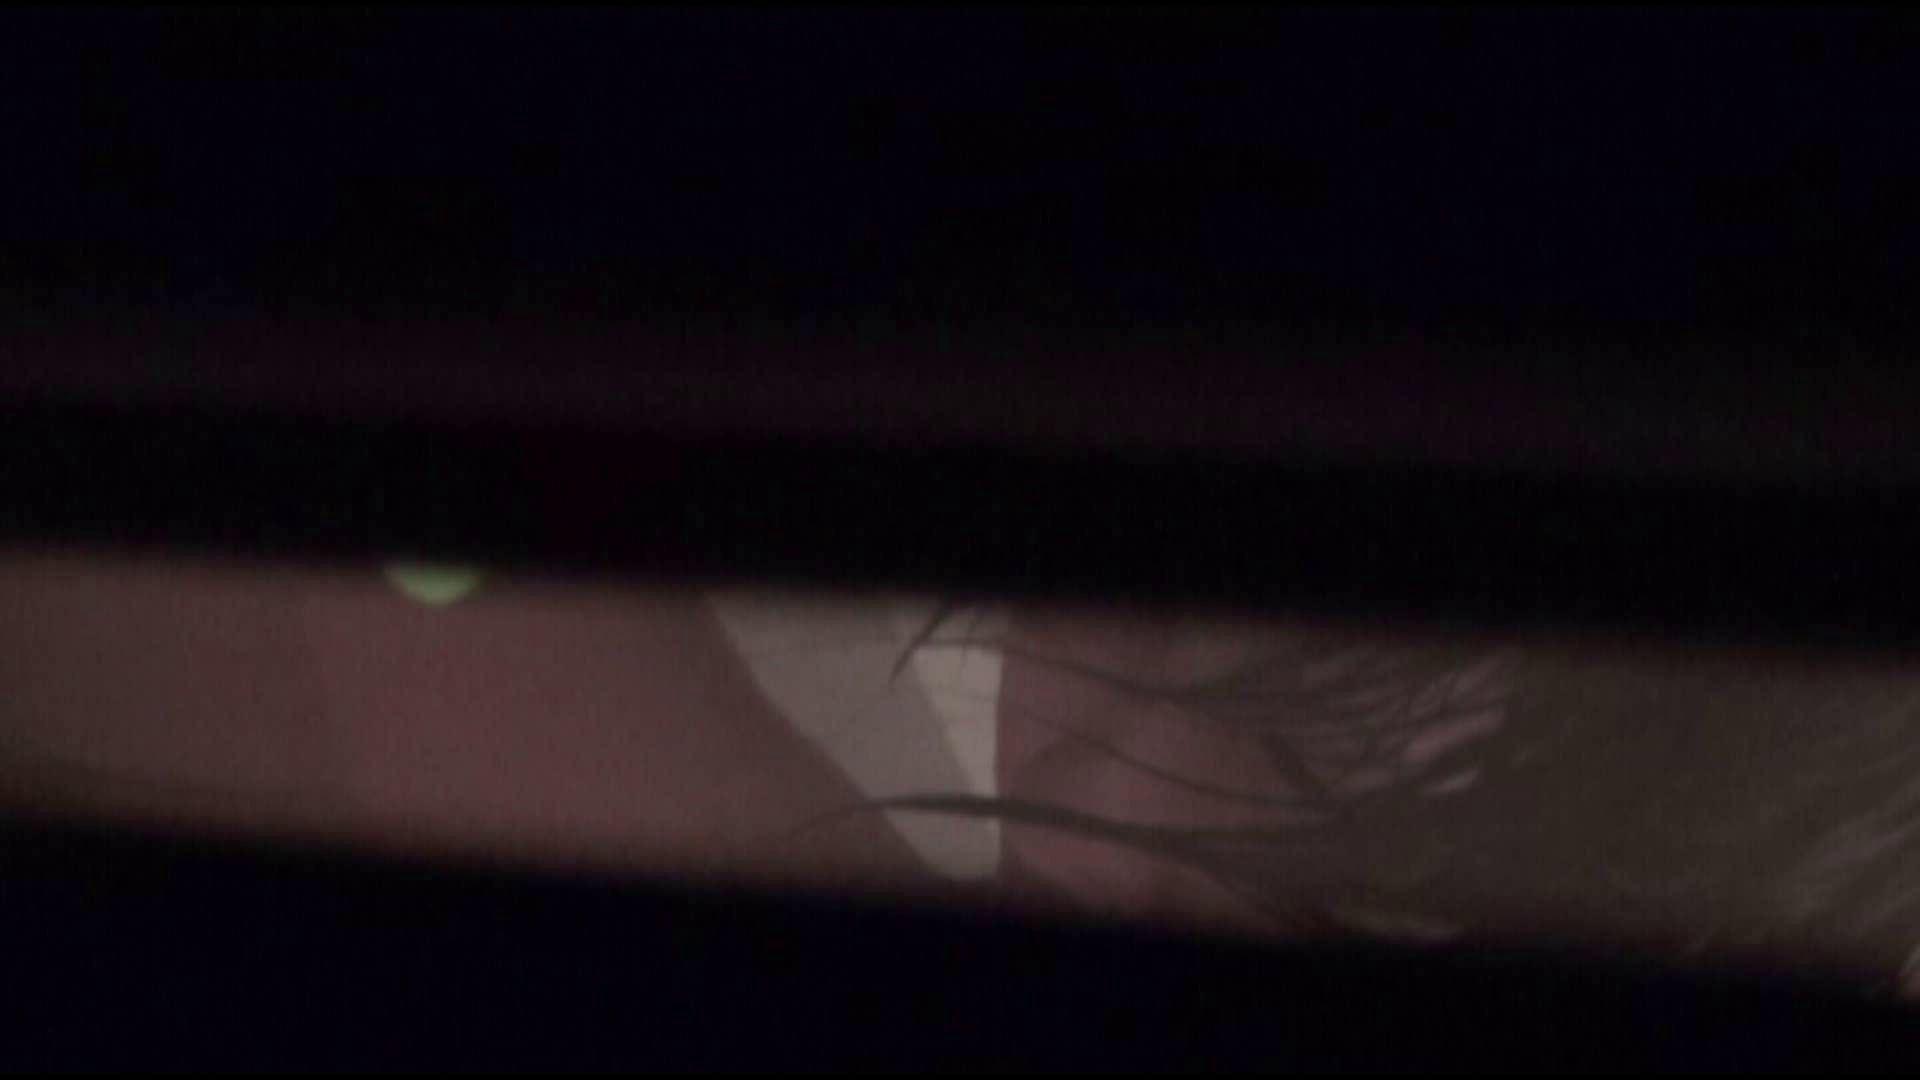 民家の騎士さんの最後の性戦ハイビジョン!!No.47 おっぱい オマンコ無修正動画無料 79画像 18